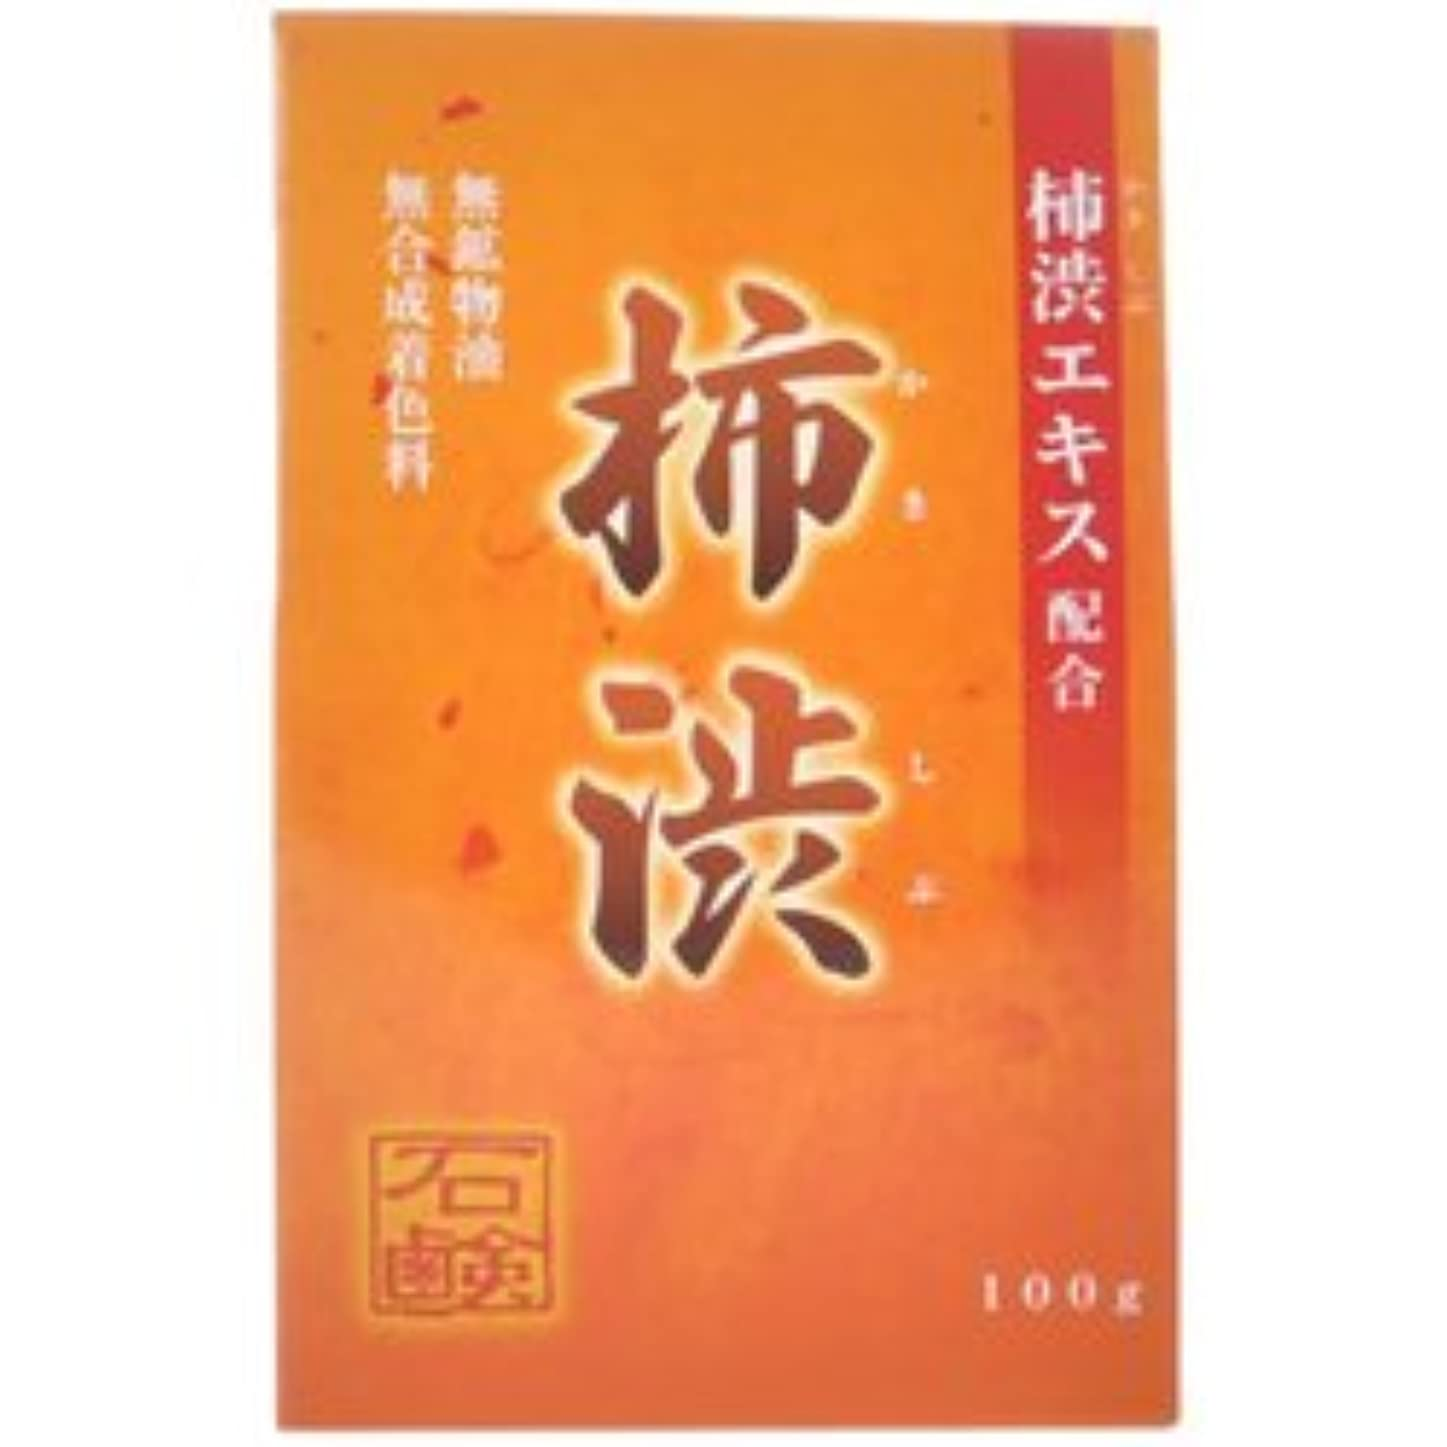 値するびん鎮痛剤【アール?エイチ?ビープロダクト】新 柿渋石鹸 100g ×20個セット